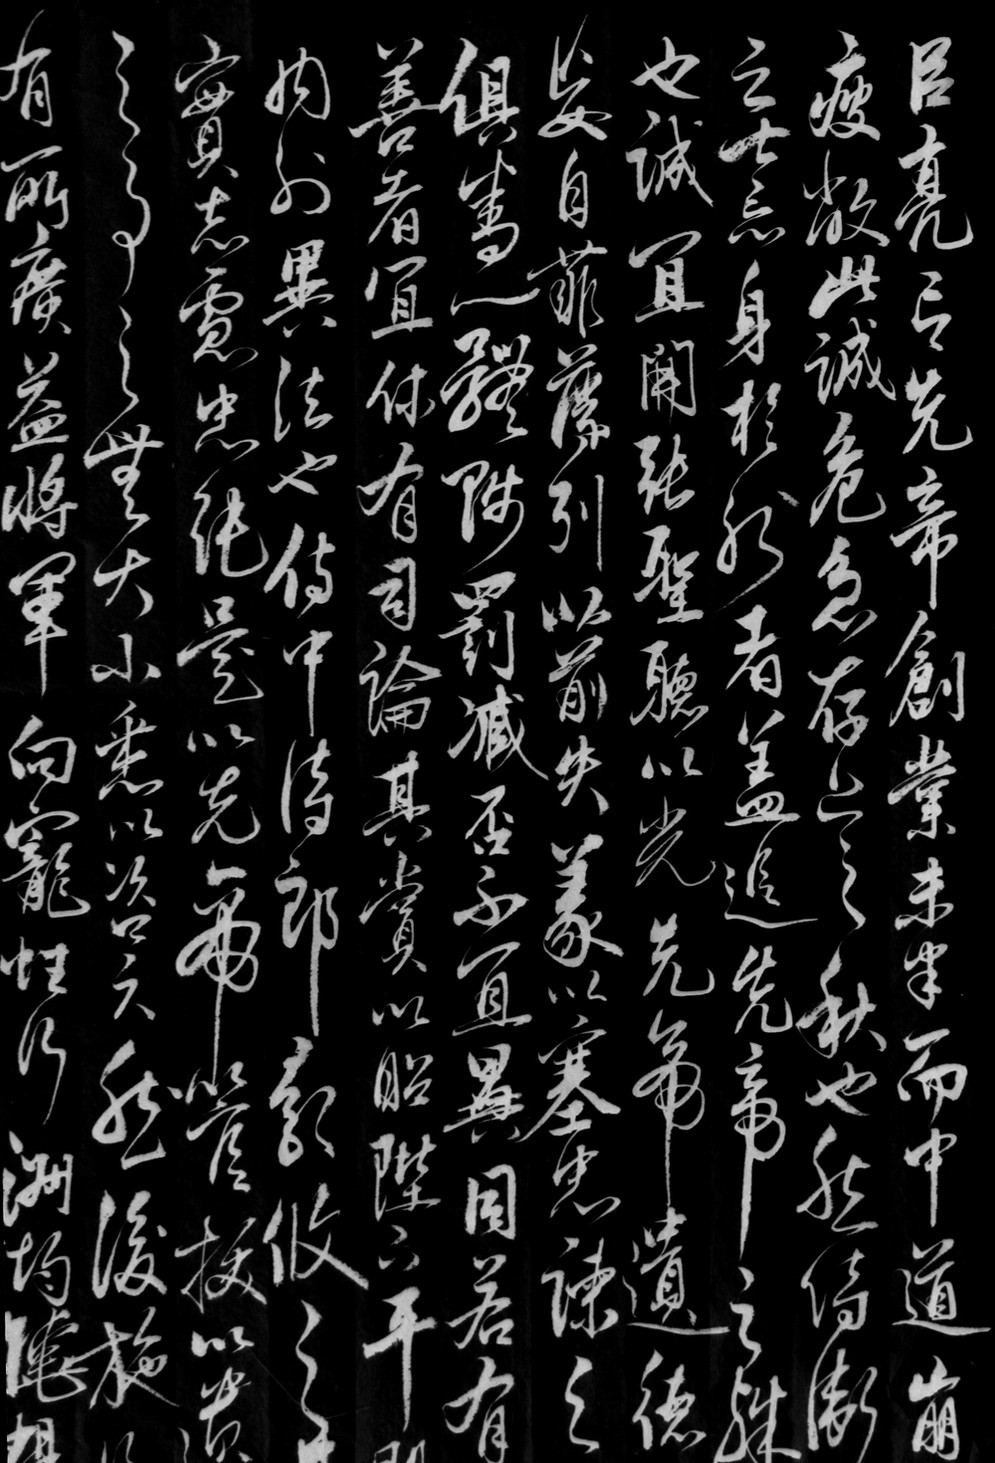 临岳飞字《诸葛亮出师表》